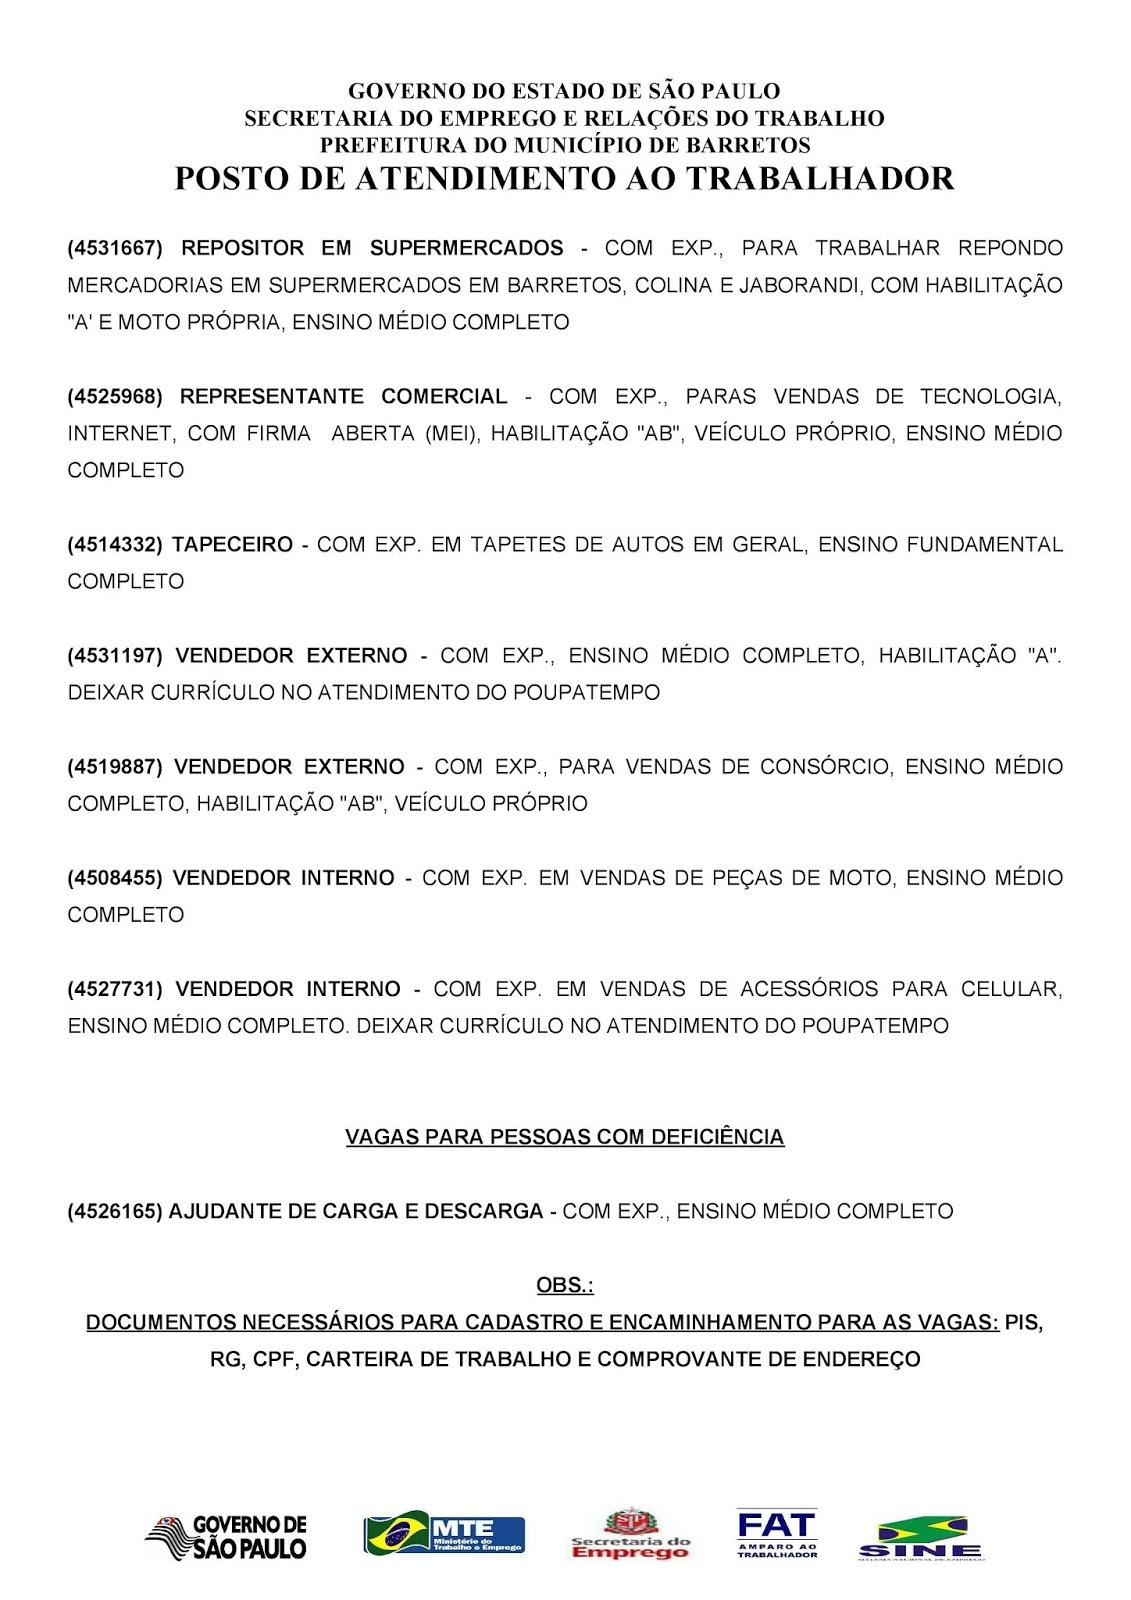 VAGAS DE EMPREGO DO PAT BARRETOS-SP PARA 09/06/2018 SÁBADO - Pag. 2